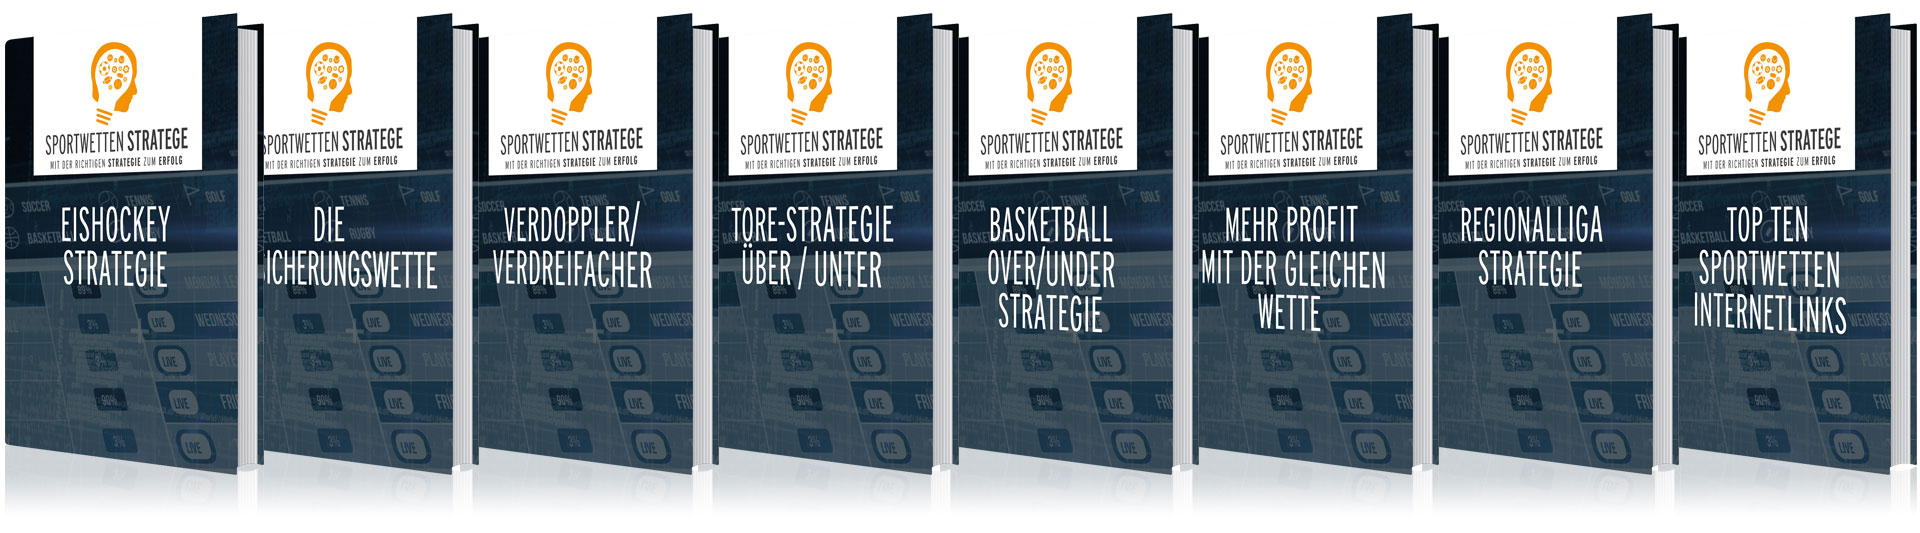 SportwettenStratege | Strategien zum Erfolg